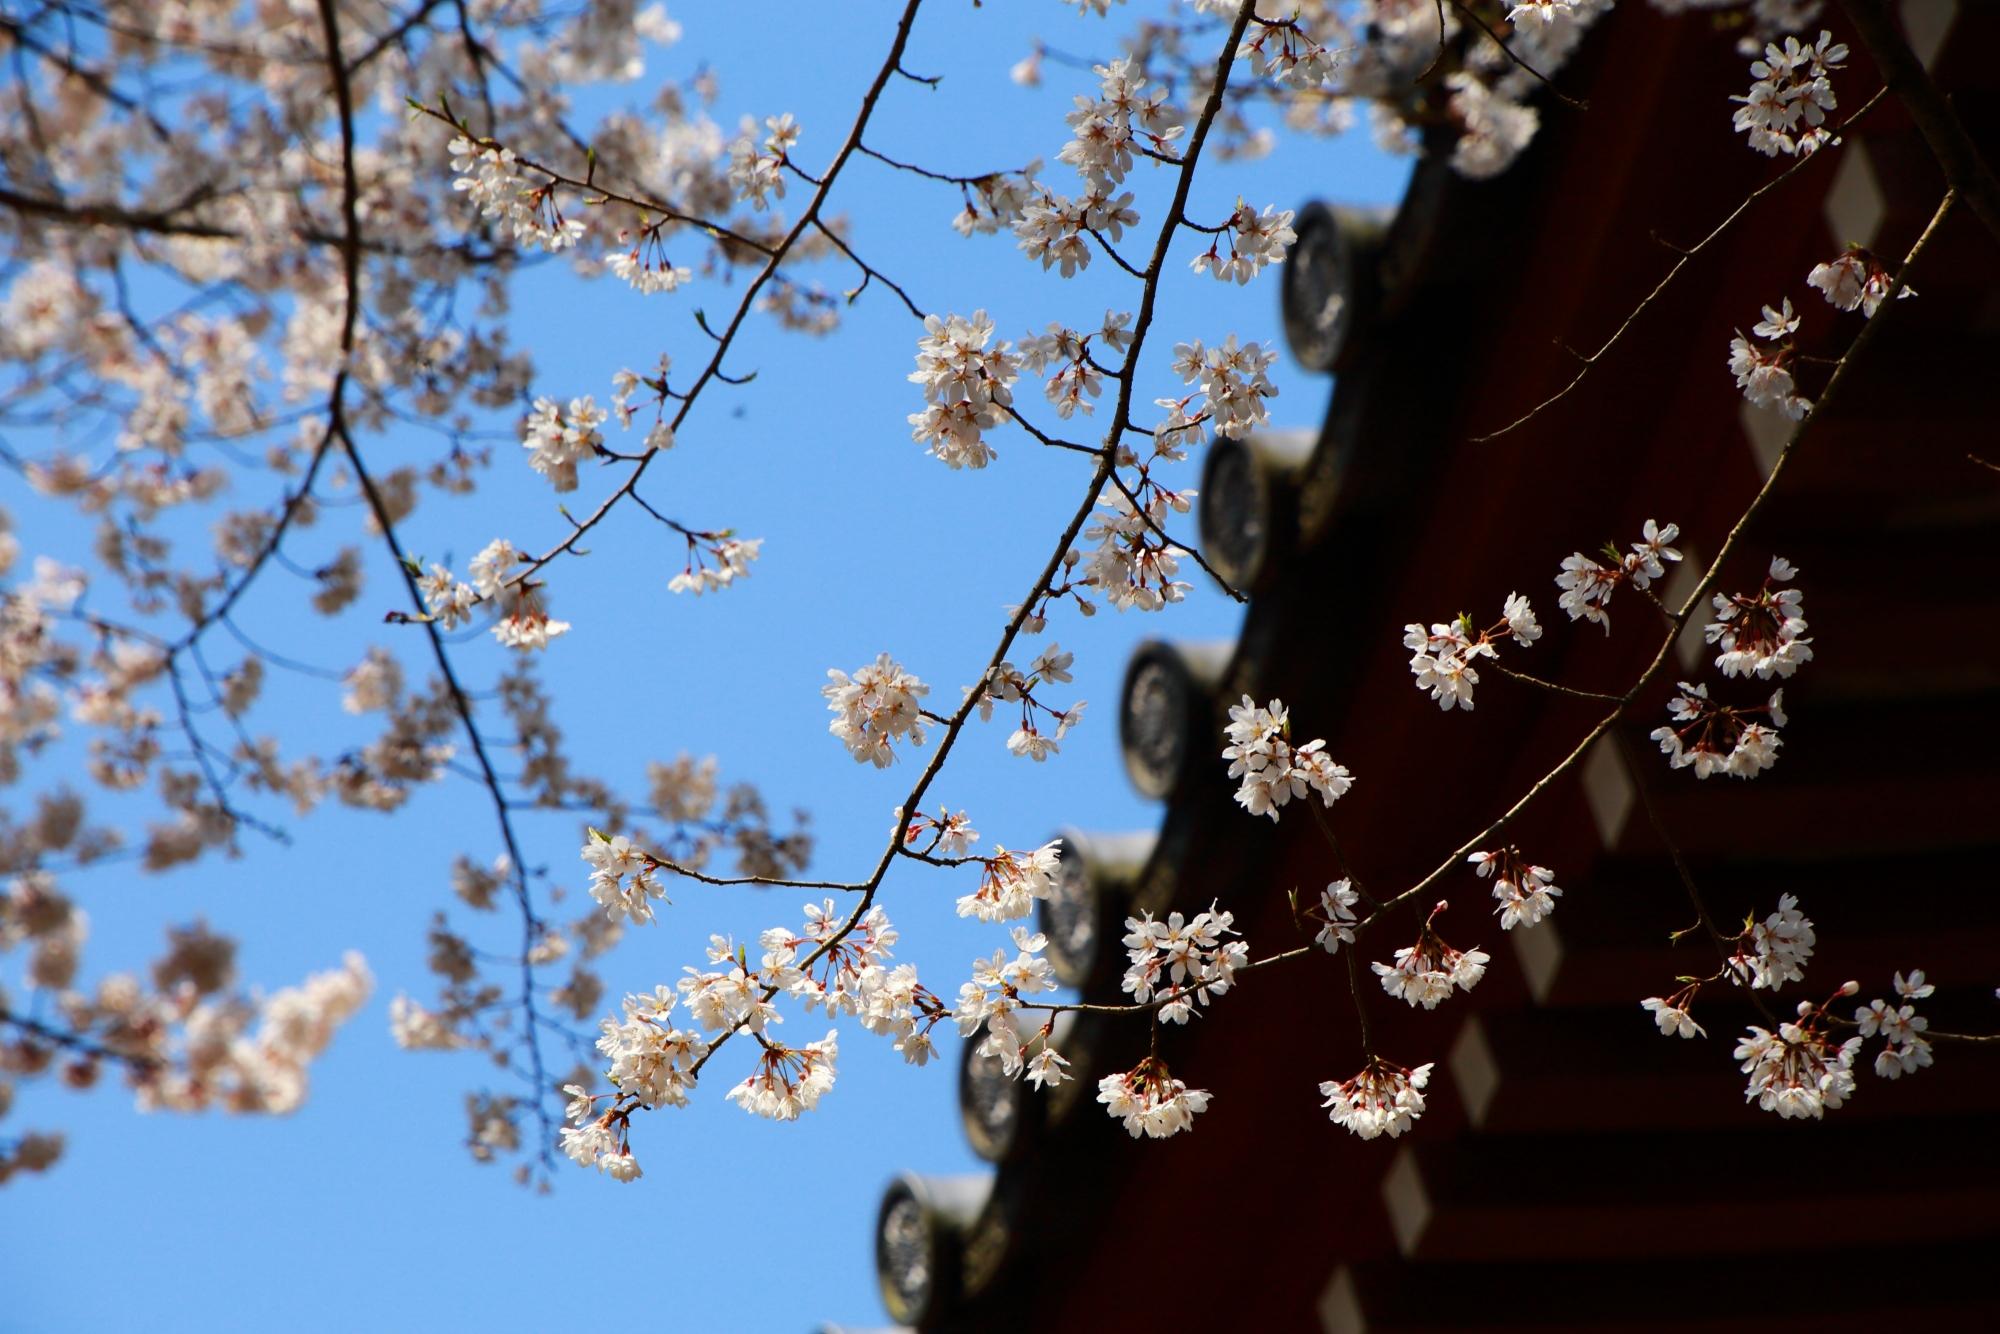 醍醐寺の観音堂と上品な桜